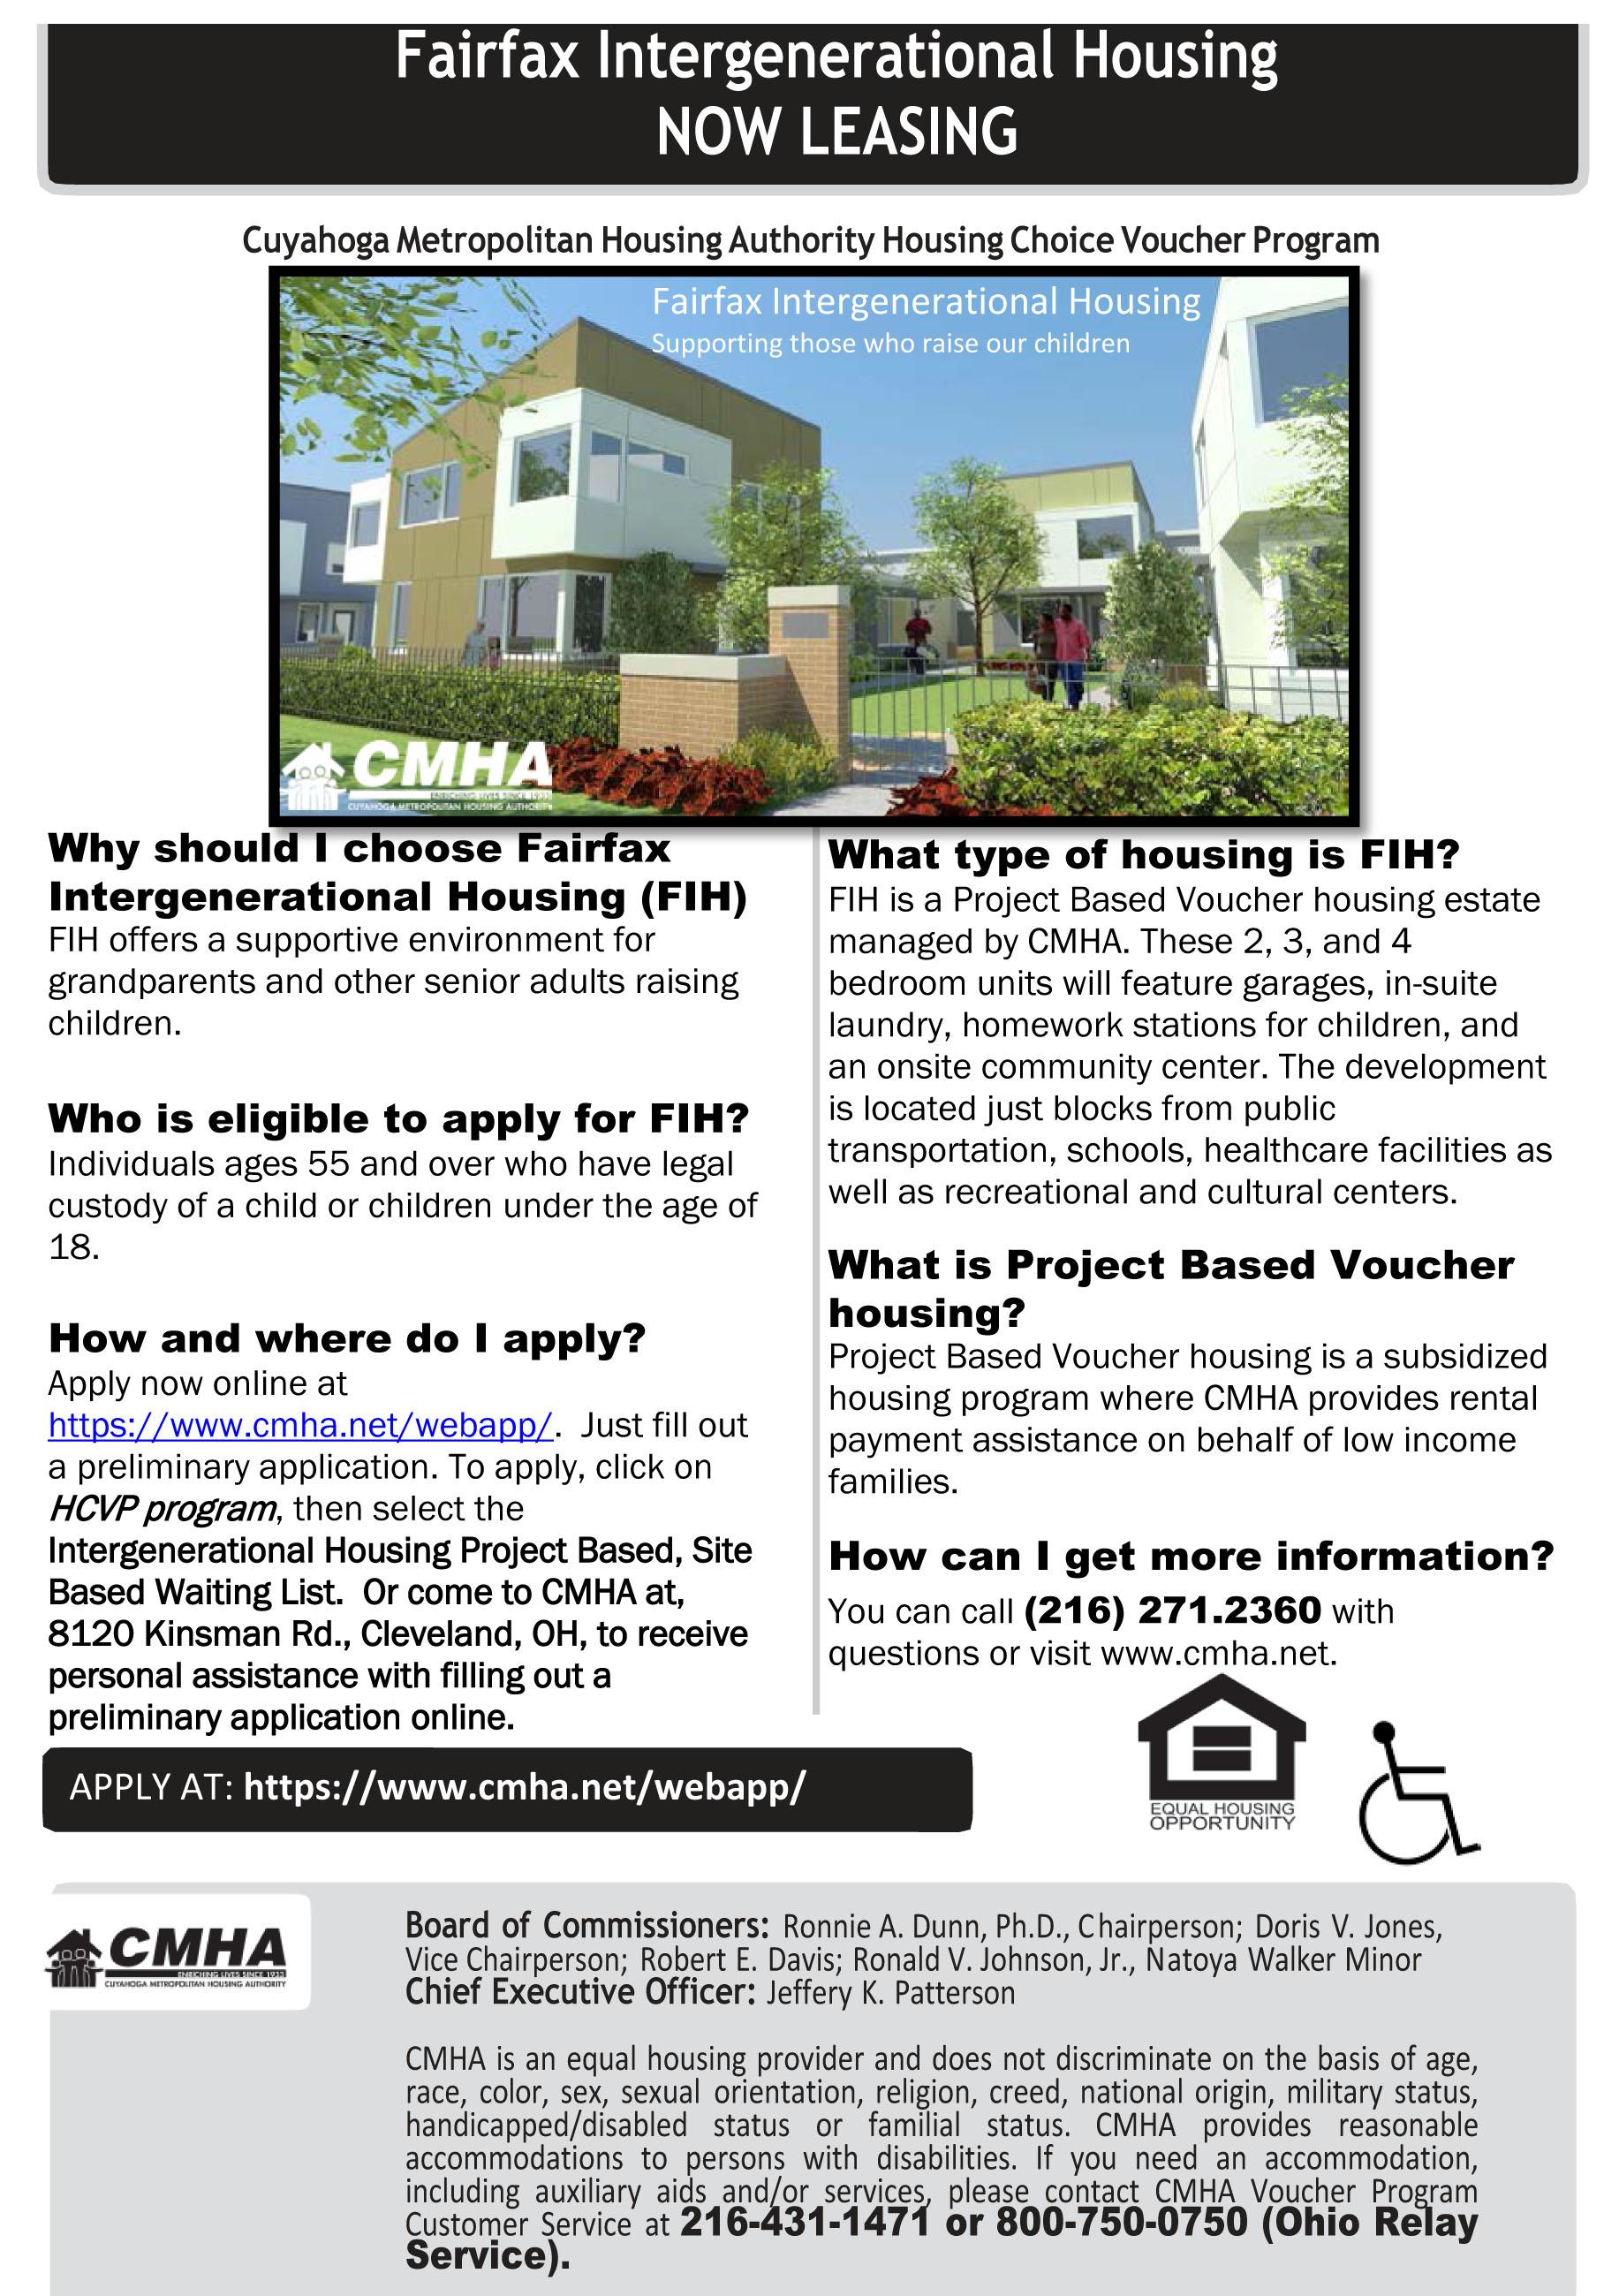 Fairfax Intergenerational Housing